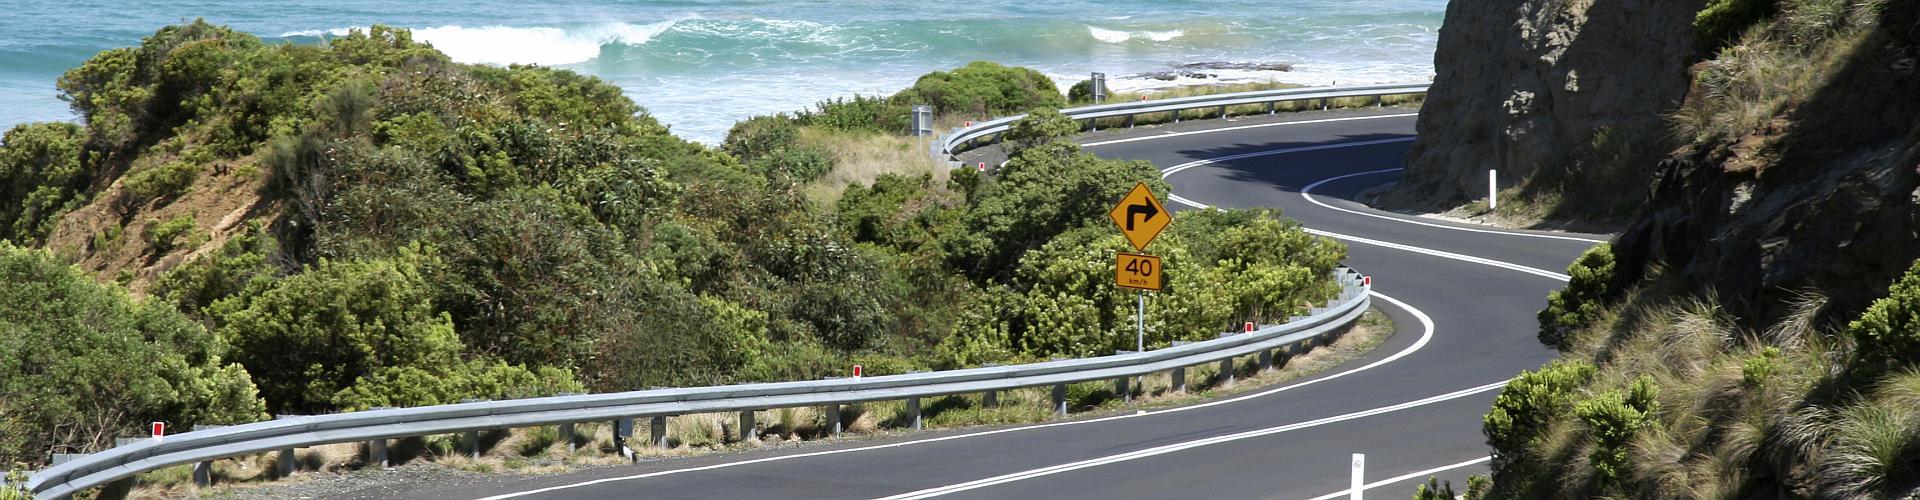 Mietwagen Autovermietung in Australien